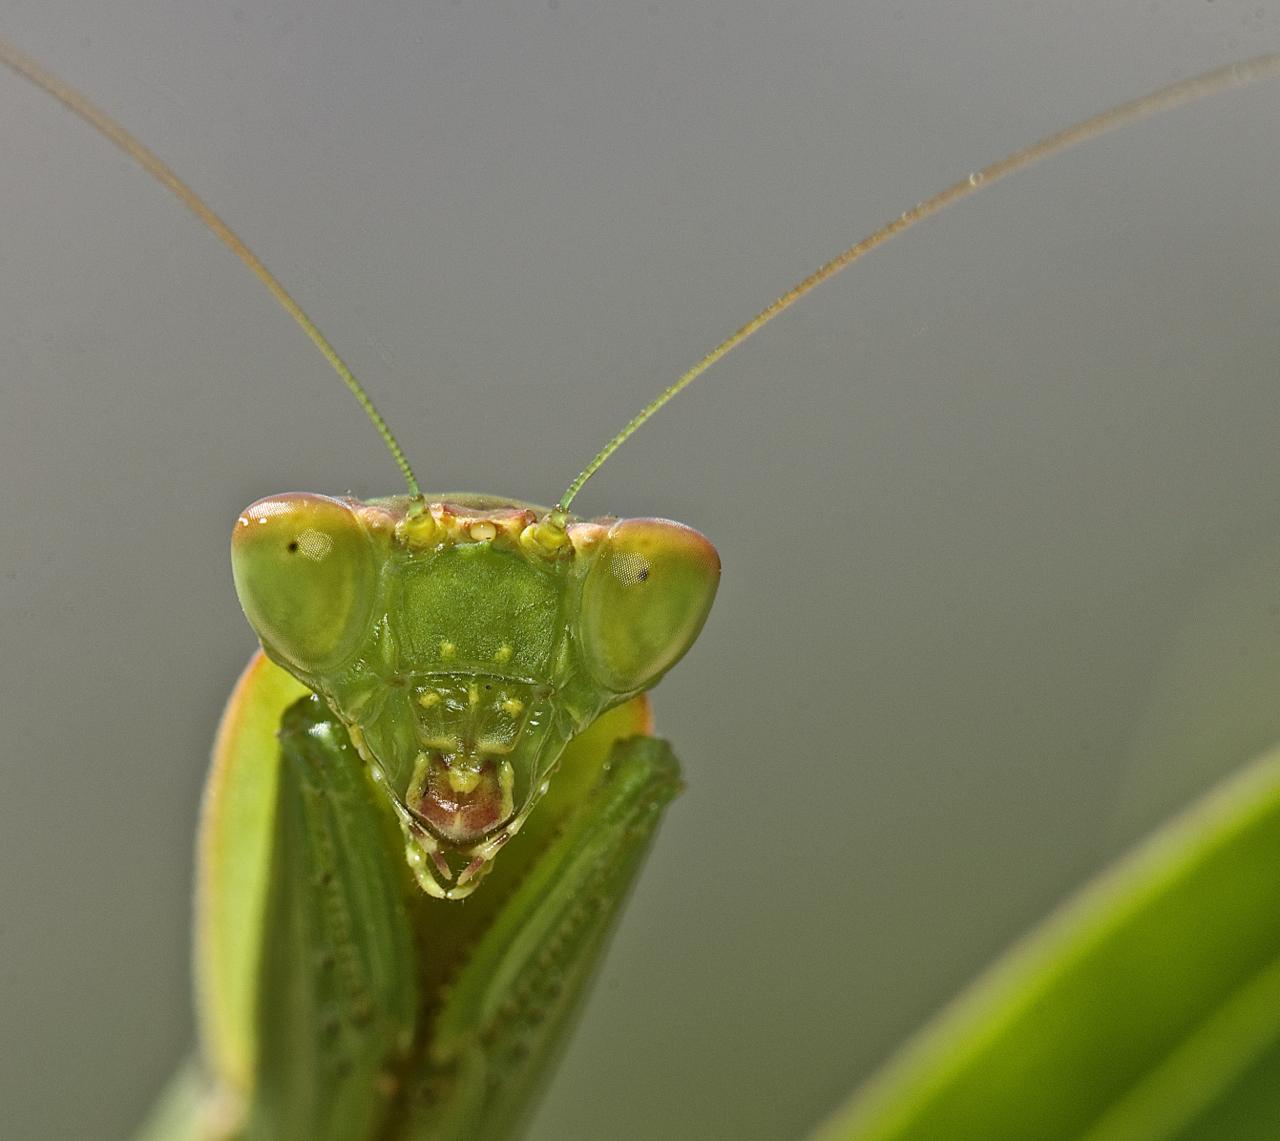 Hintergrundbilder : Grün, Natur, oben, Mund, Gottesanbeterin, Insekt ...